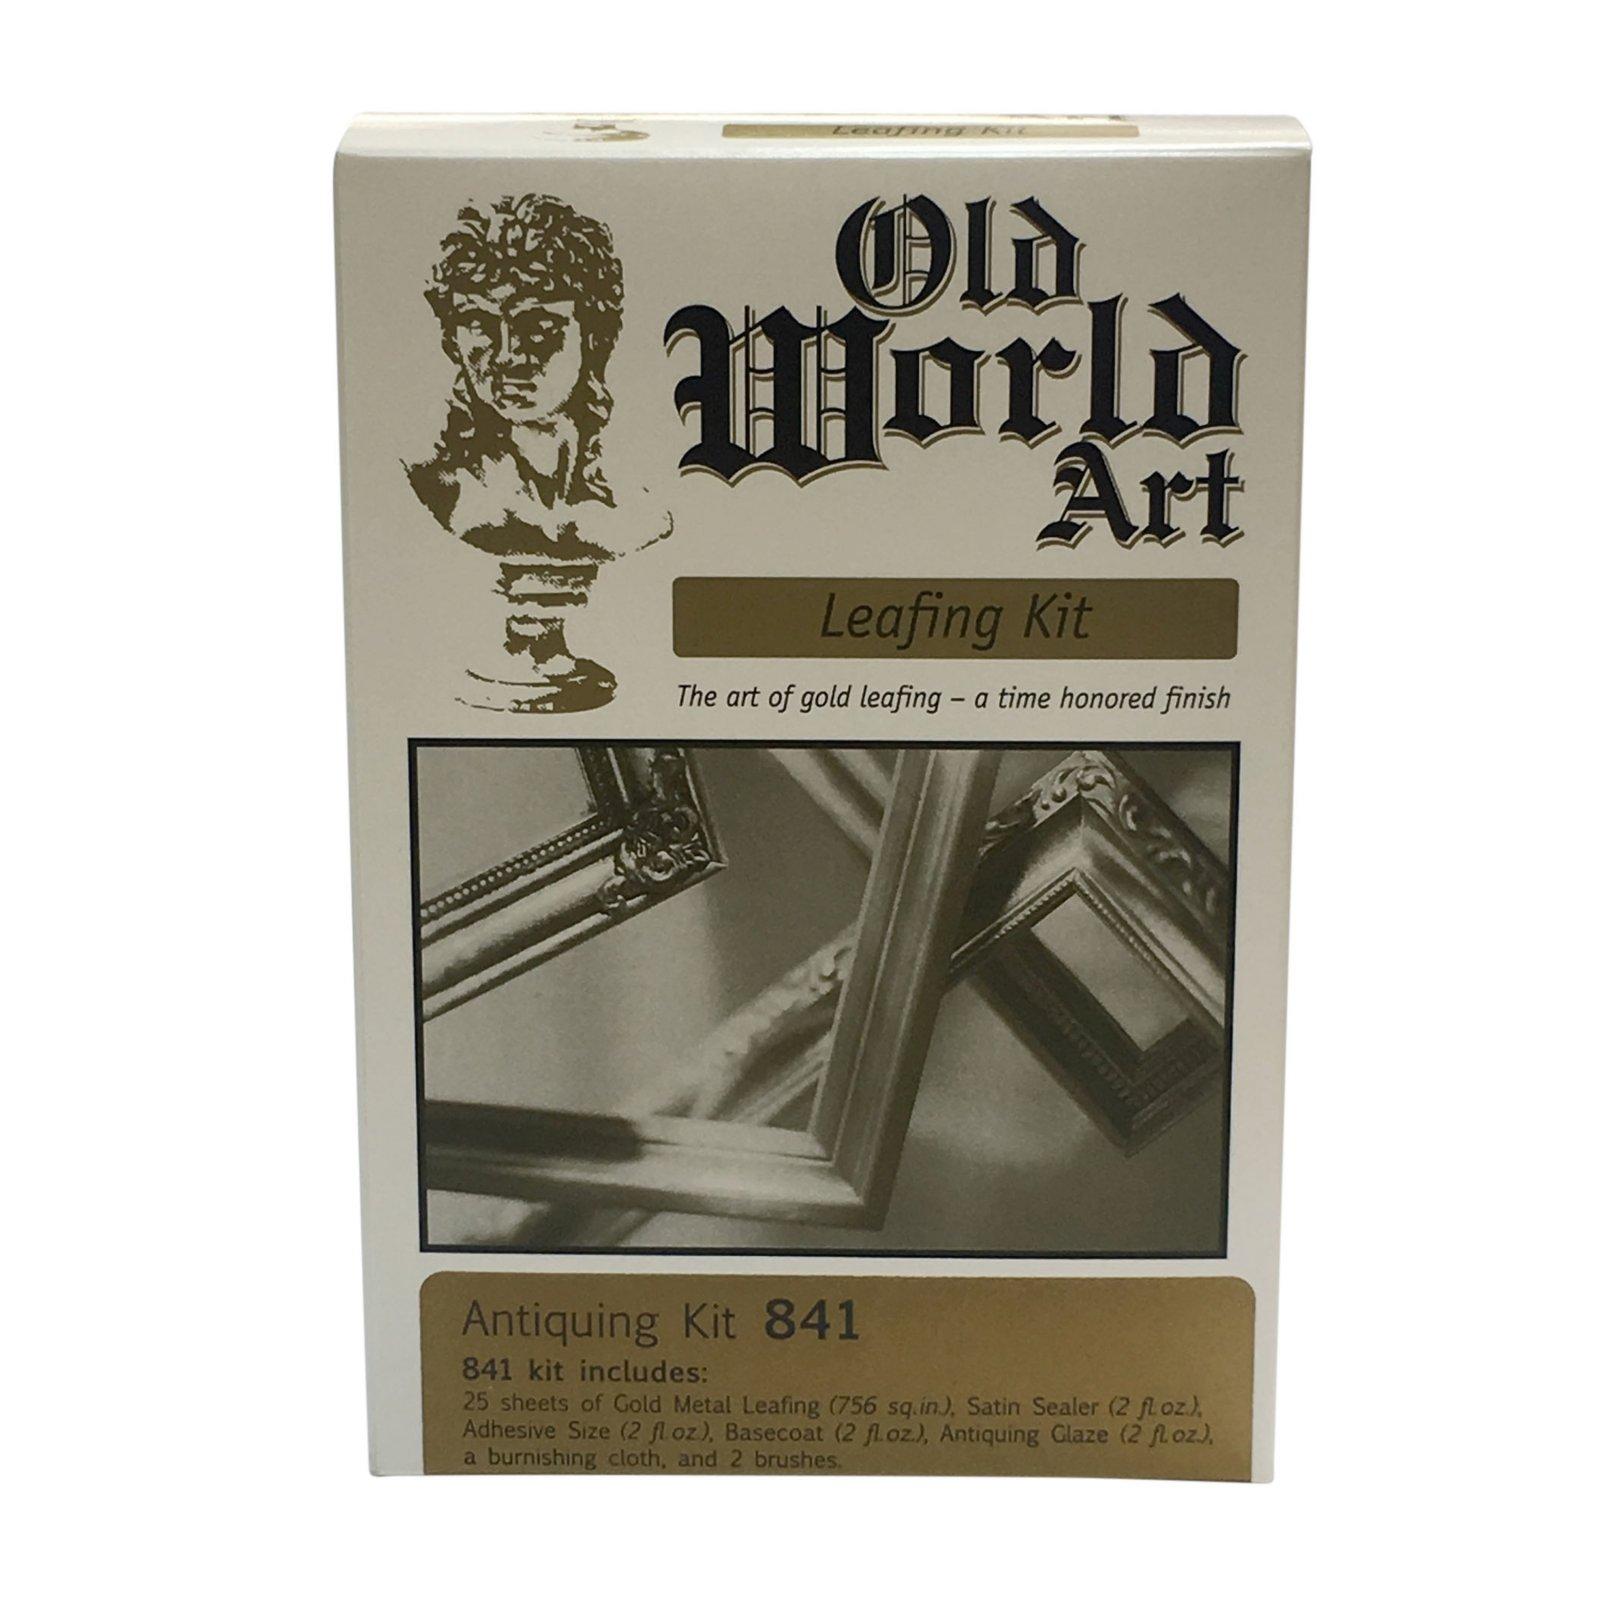 Old World Art - Gold Leafing Kit - Antique #841